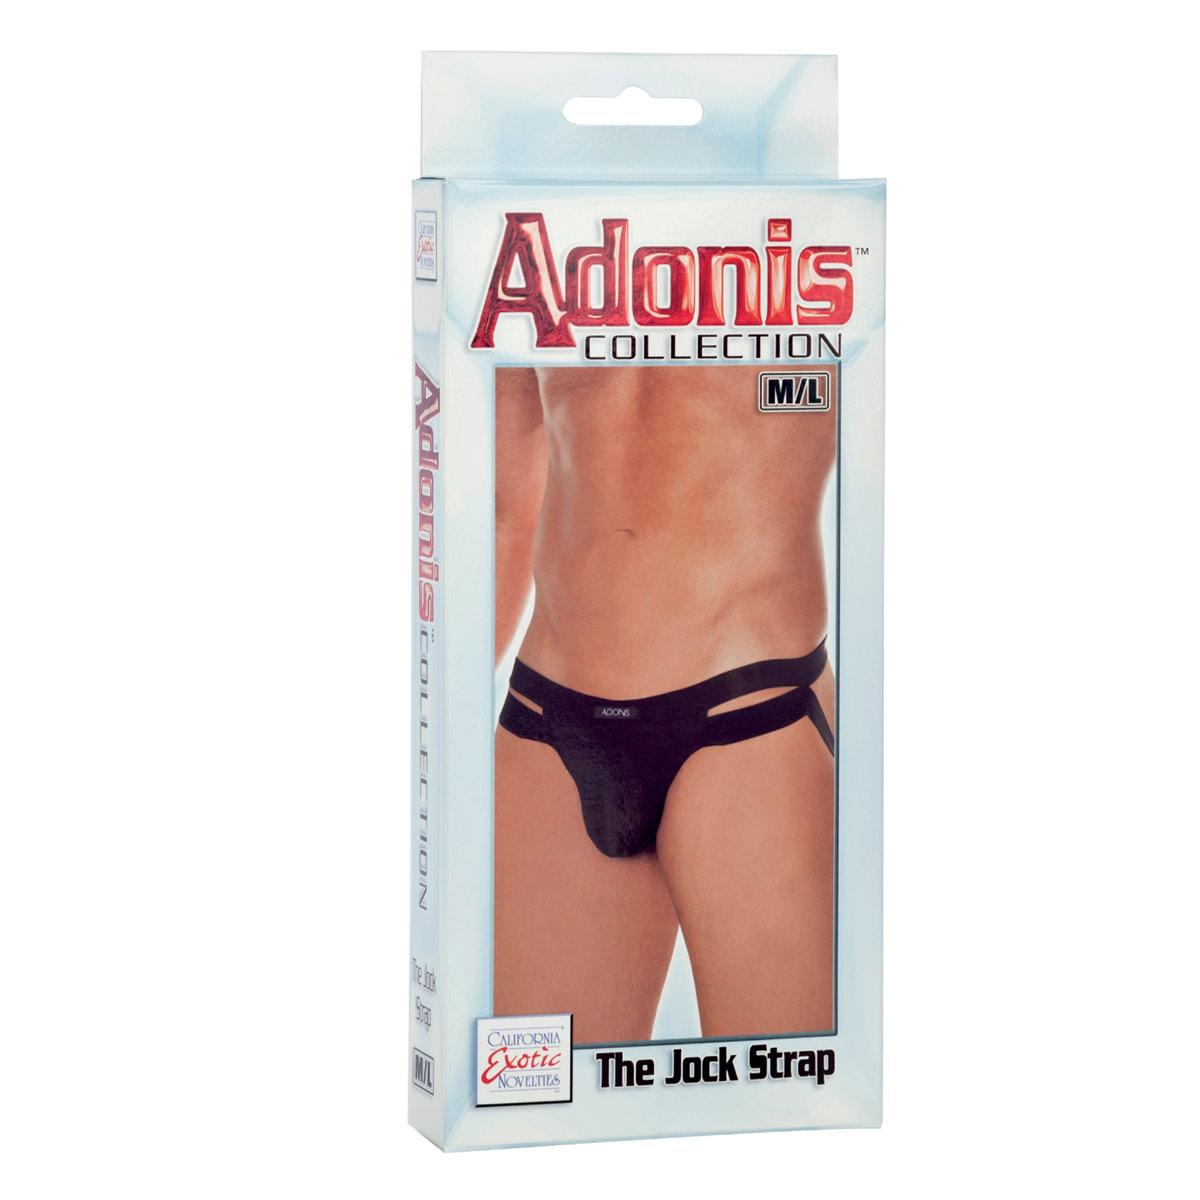 Мужские трусы-джоки Adonis The Jock Strap с открытой попкой - фото 714600